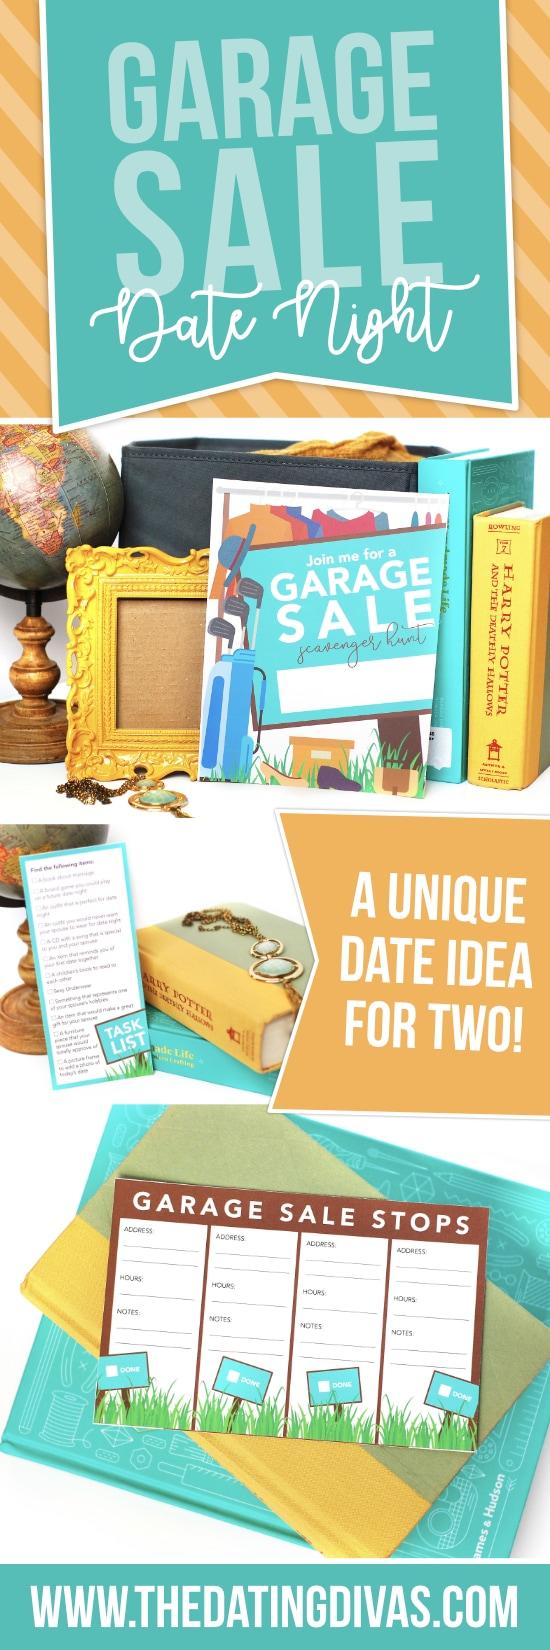 Garage Sale Date